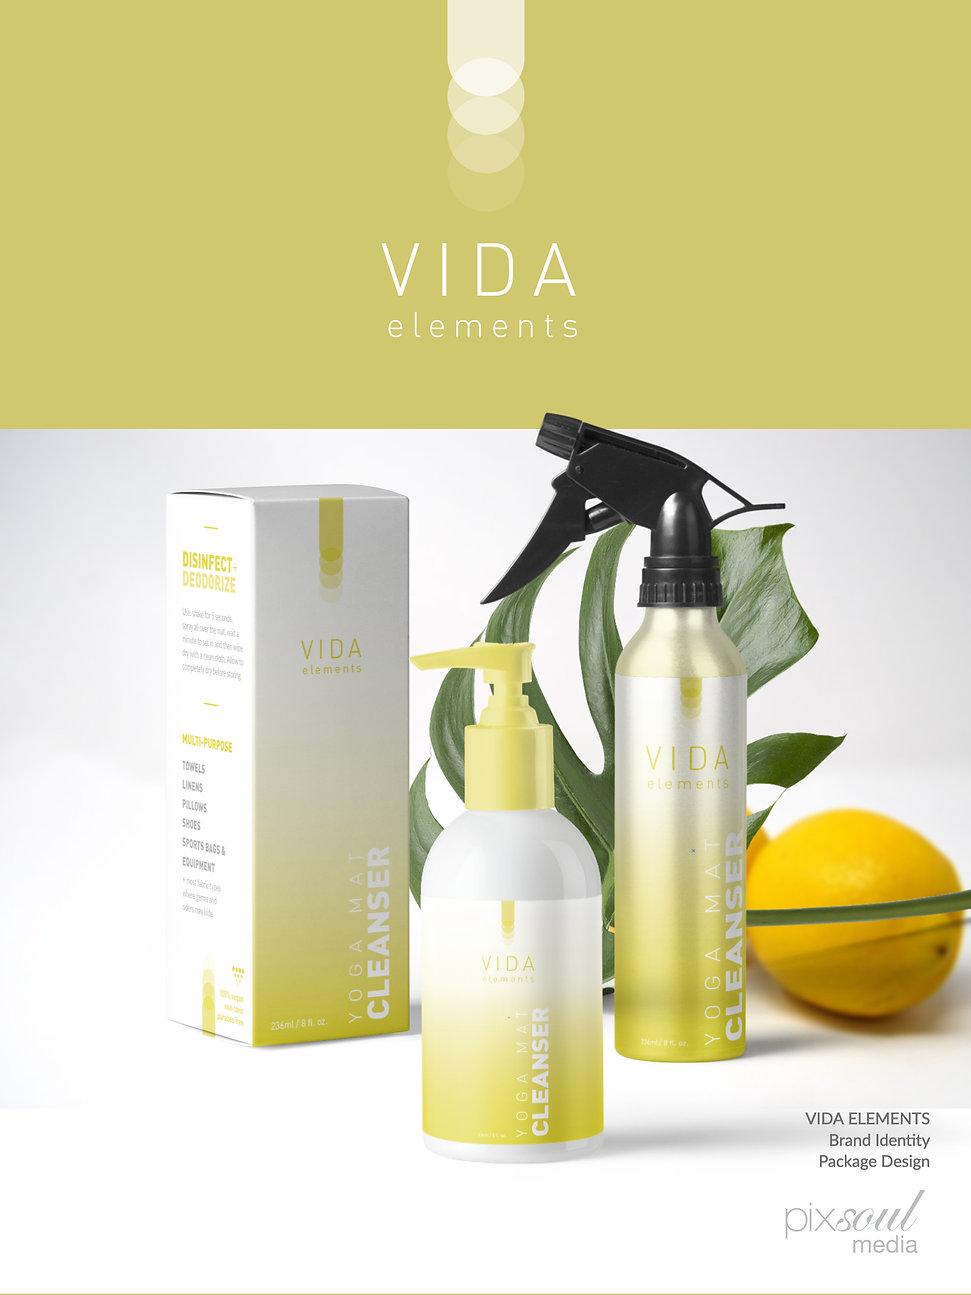 vida-elements-yoga-mat-cleaner_2x.jpeg